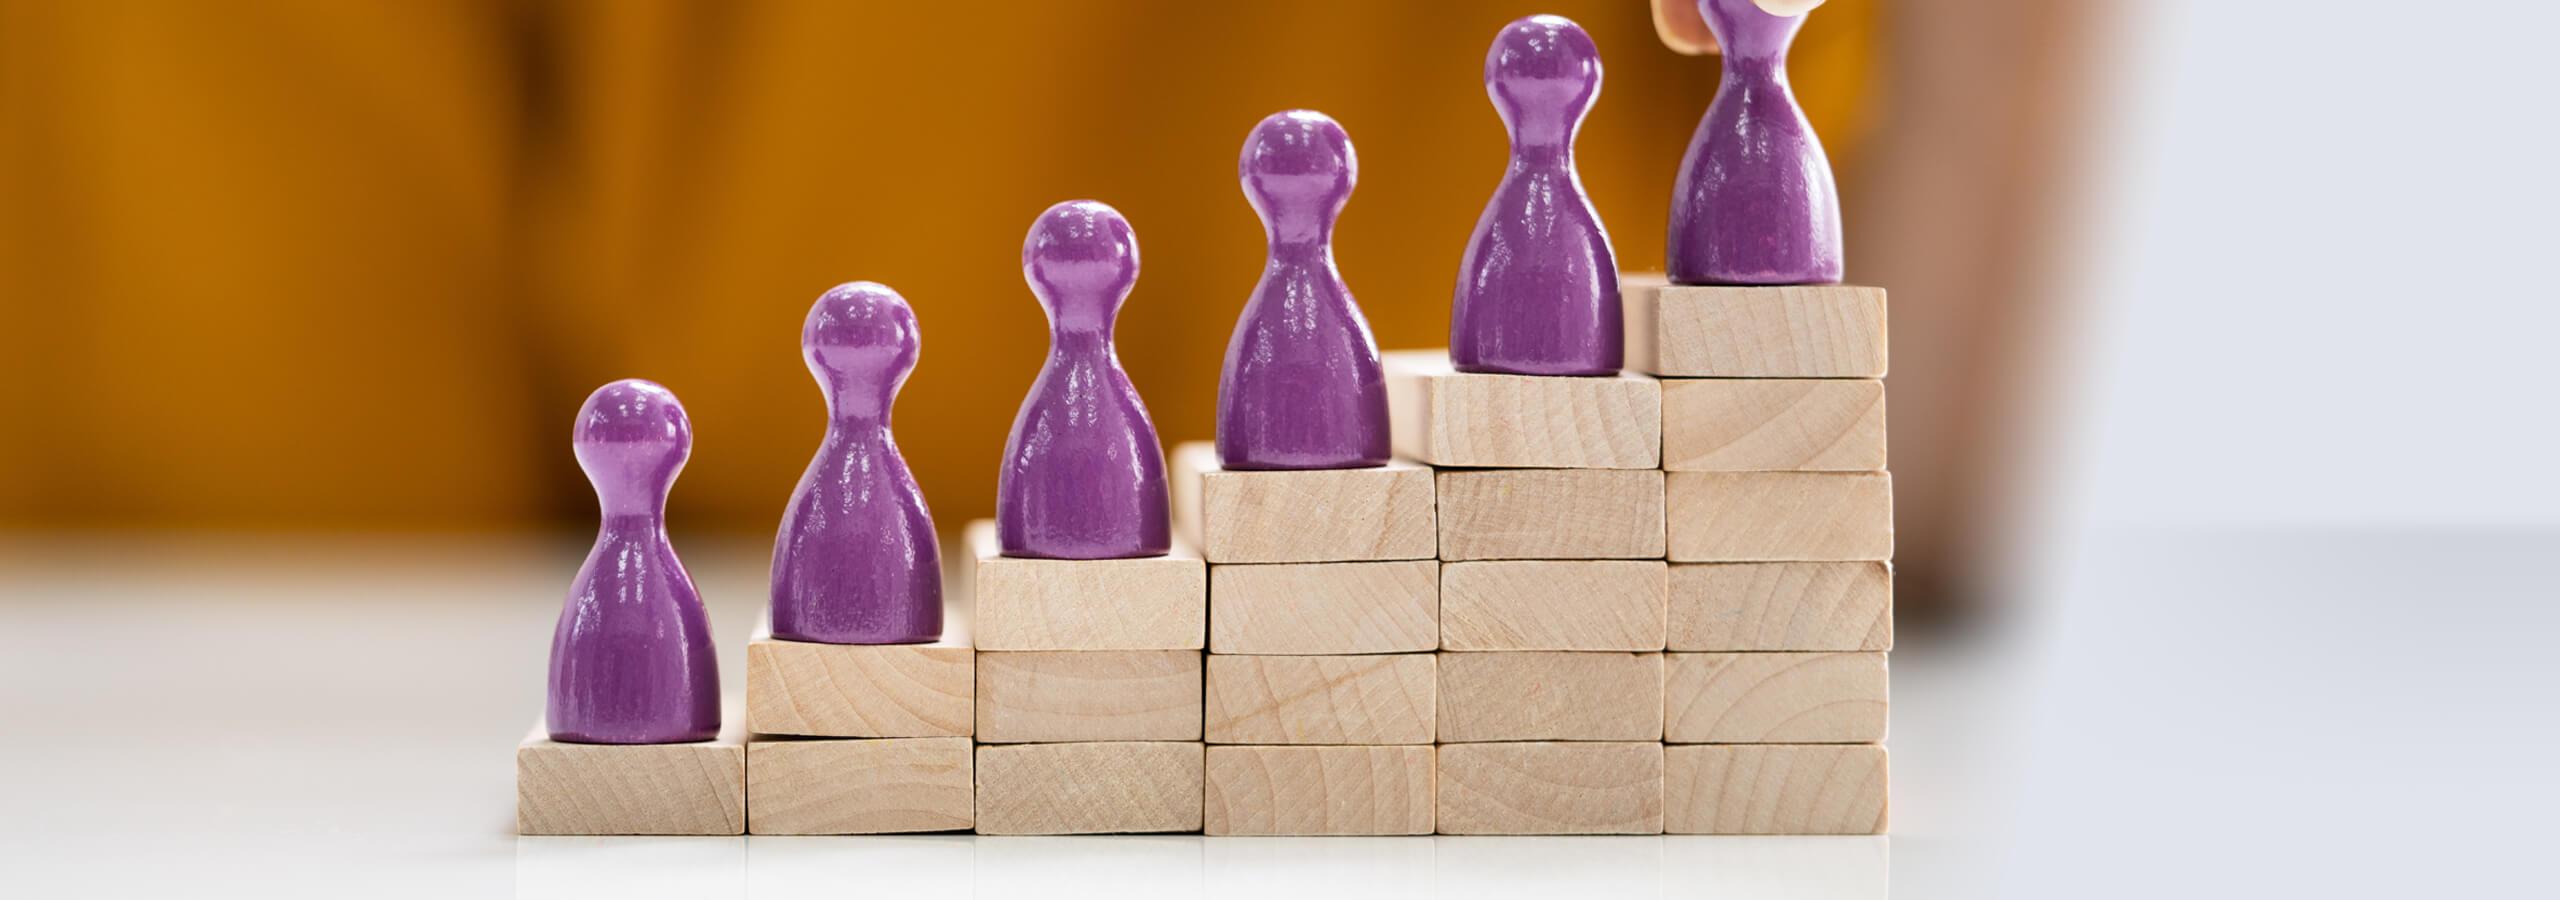 Symbolbild: Gleichstellung auf dem Arbeitsmarkt Holztreppe mit Spielfiguren auf jeder Stufe